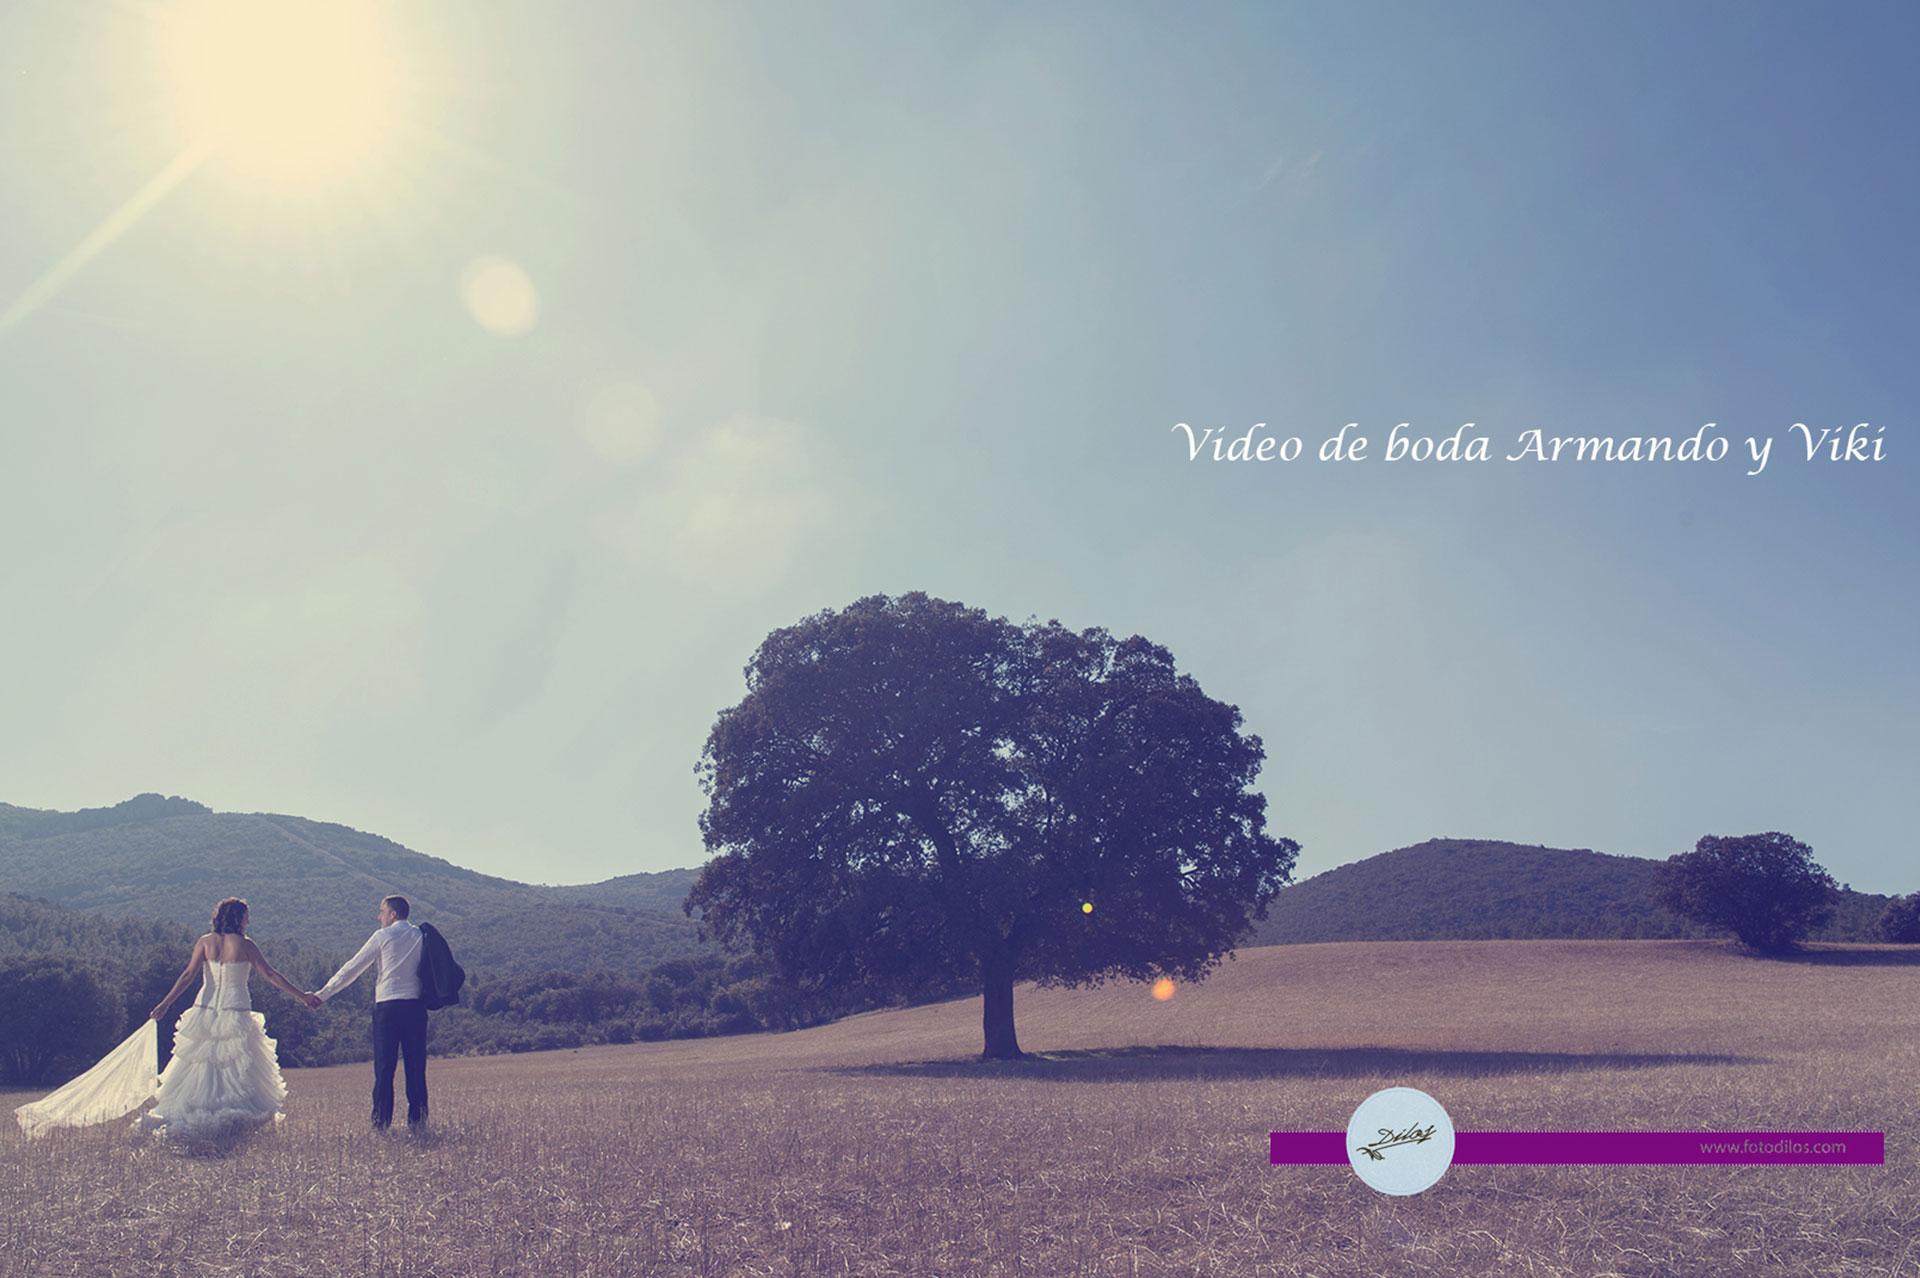 Vídeo de boda en la Mancha, Armando y Viki